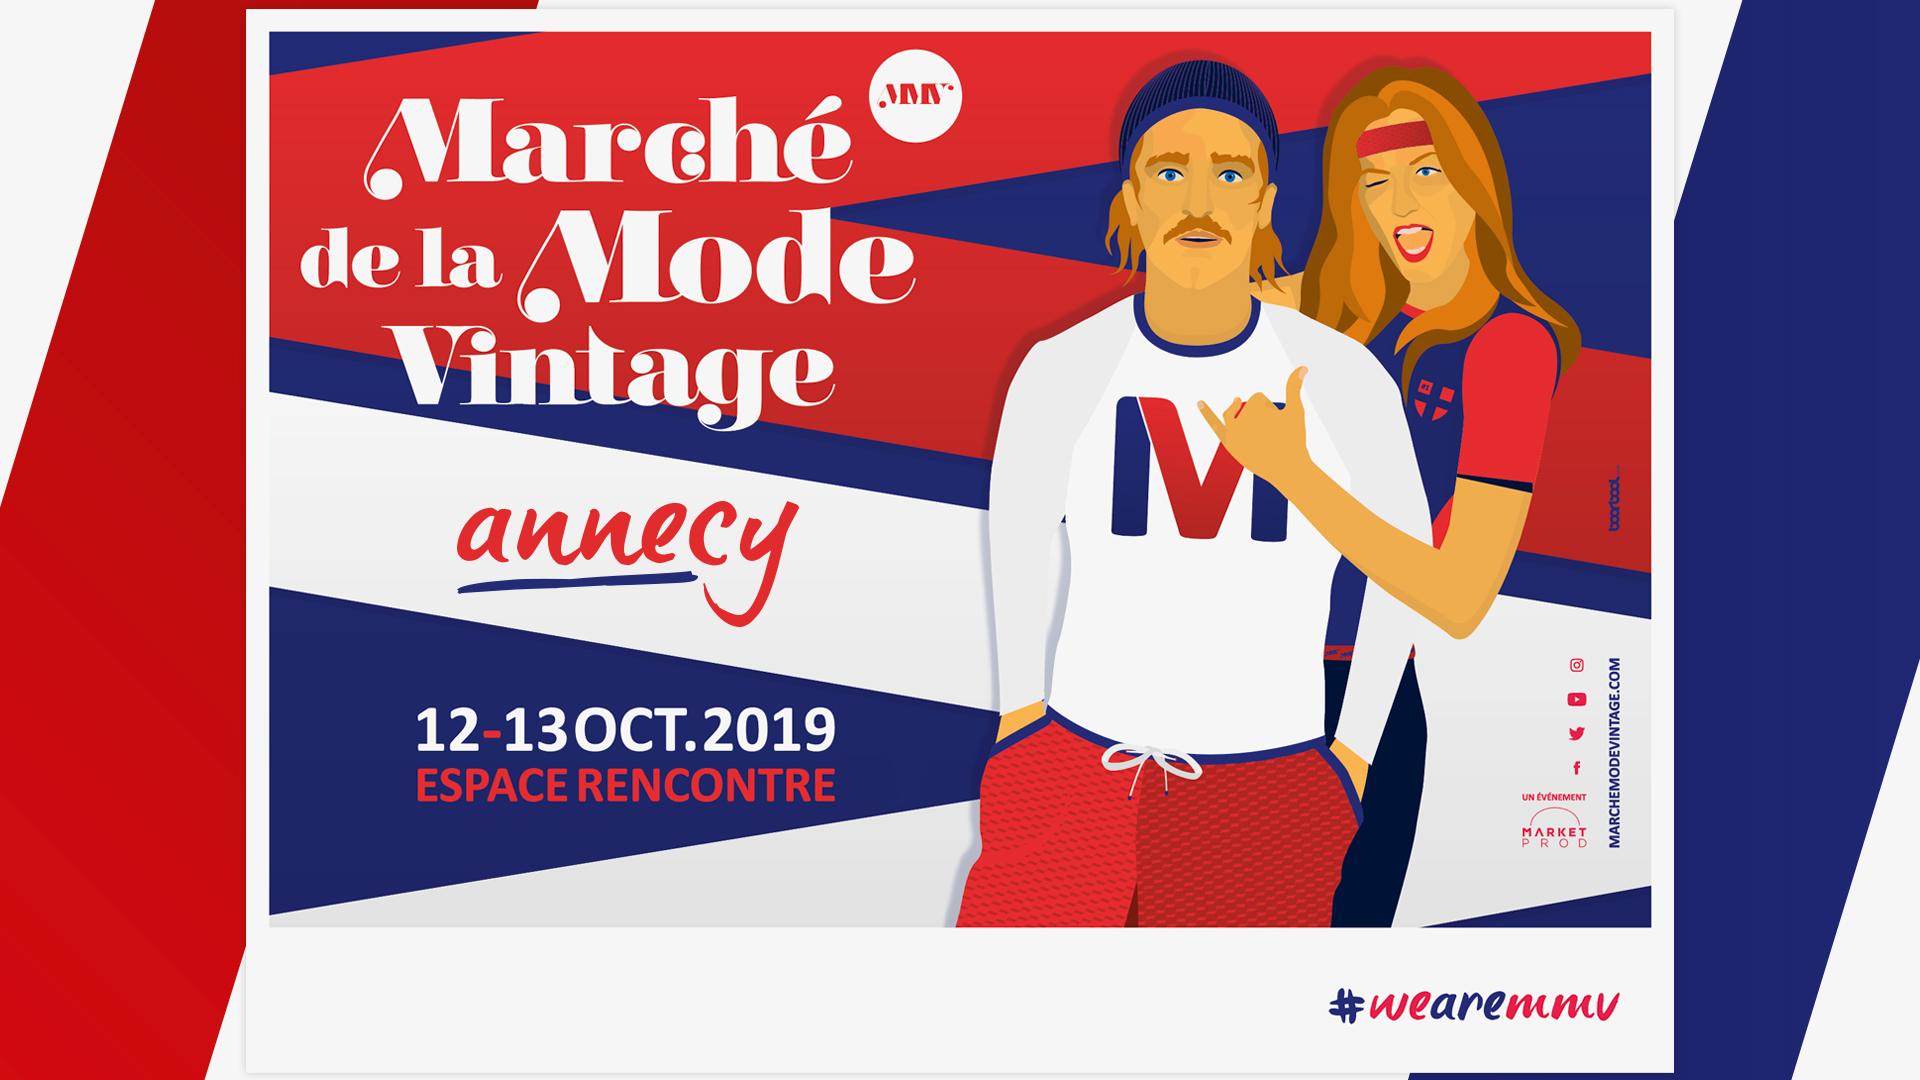 Marché de la Mode Vintage MARSEILLE